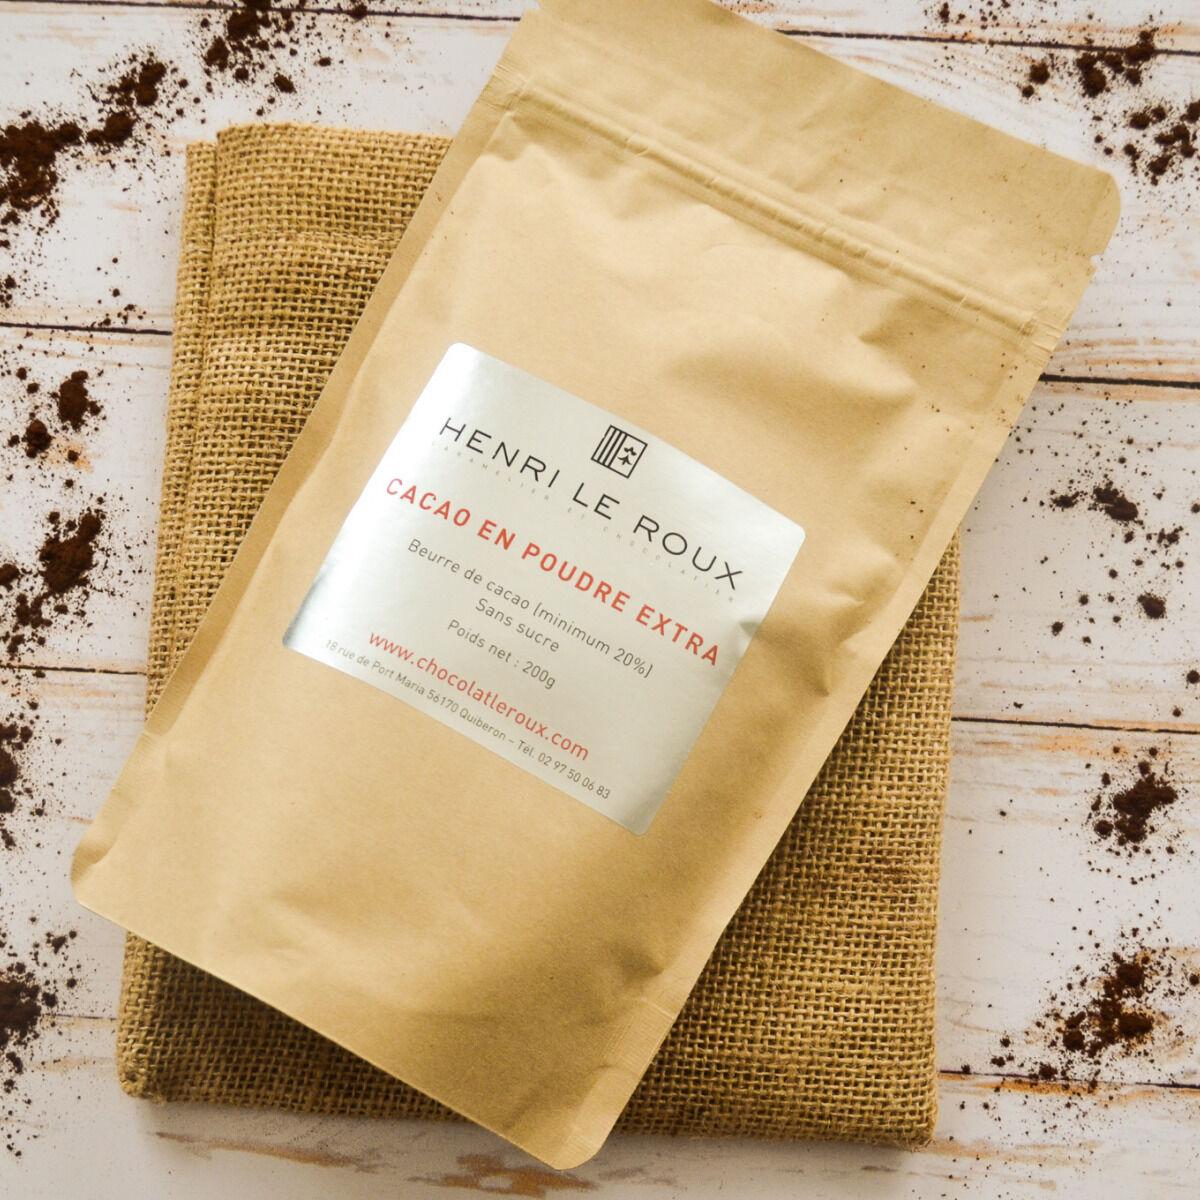 Maison Le Roux Poudre De Cacao